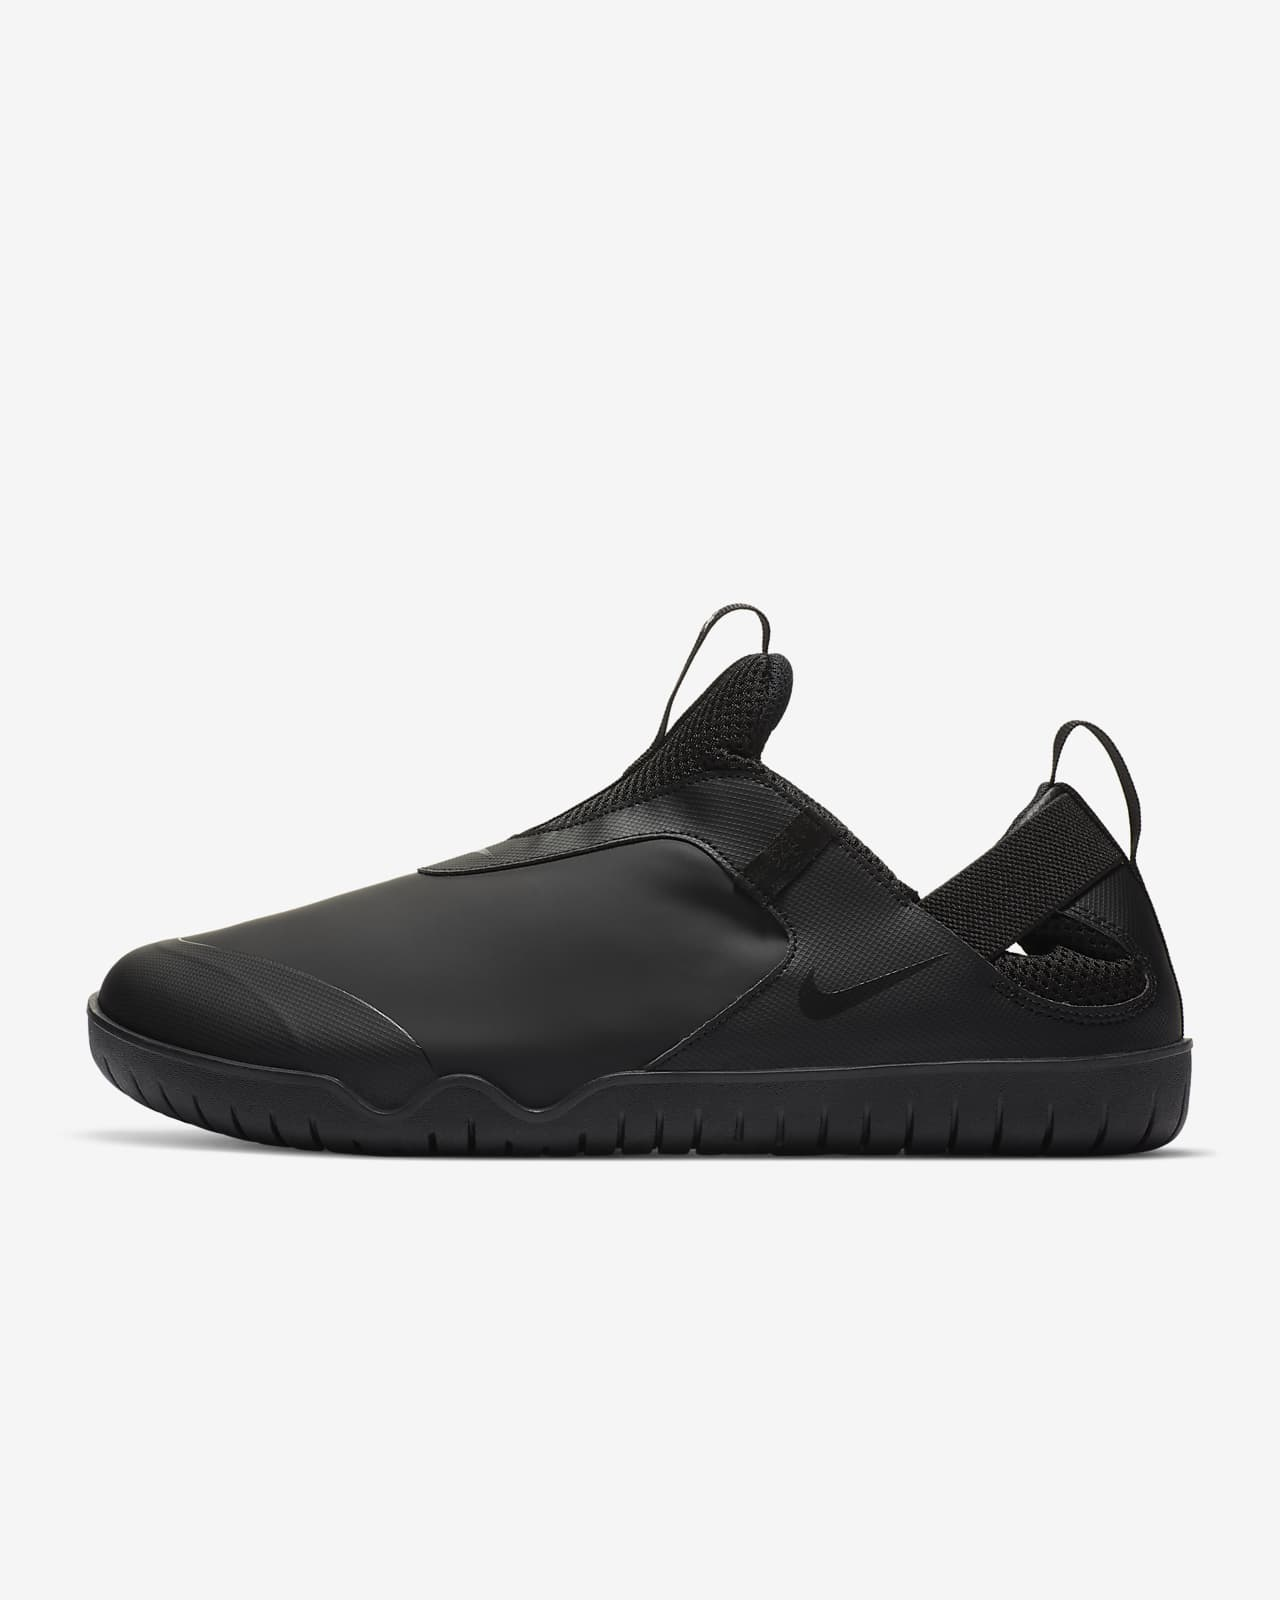 Nike Air Zoom Pulse 鞋款